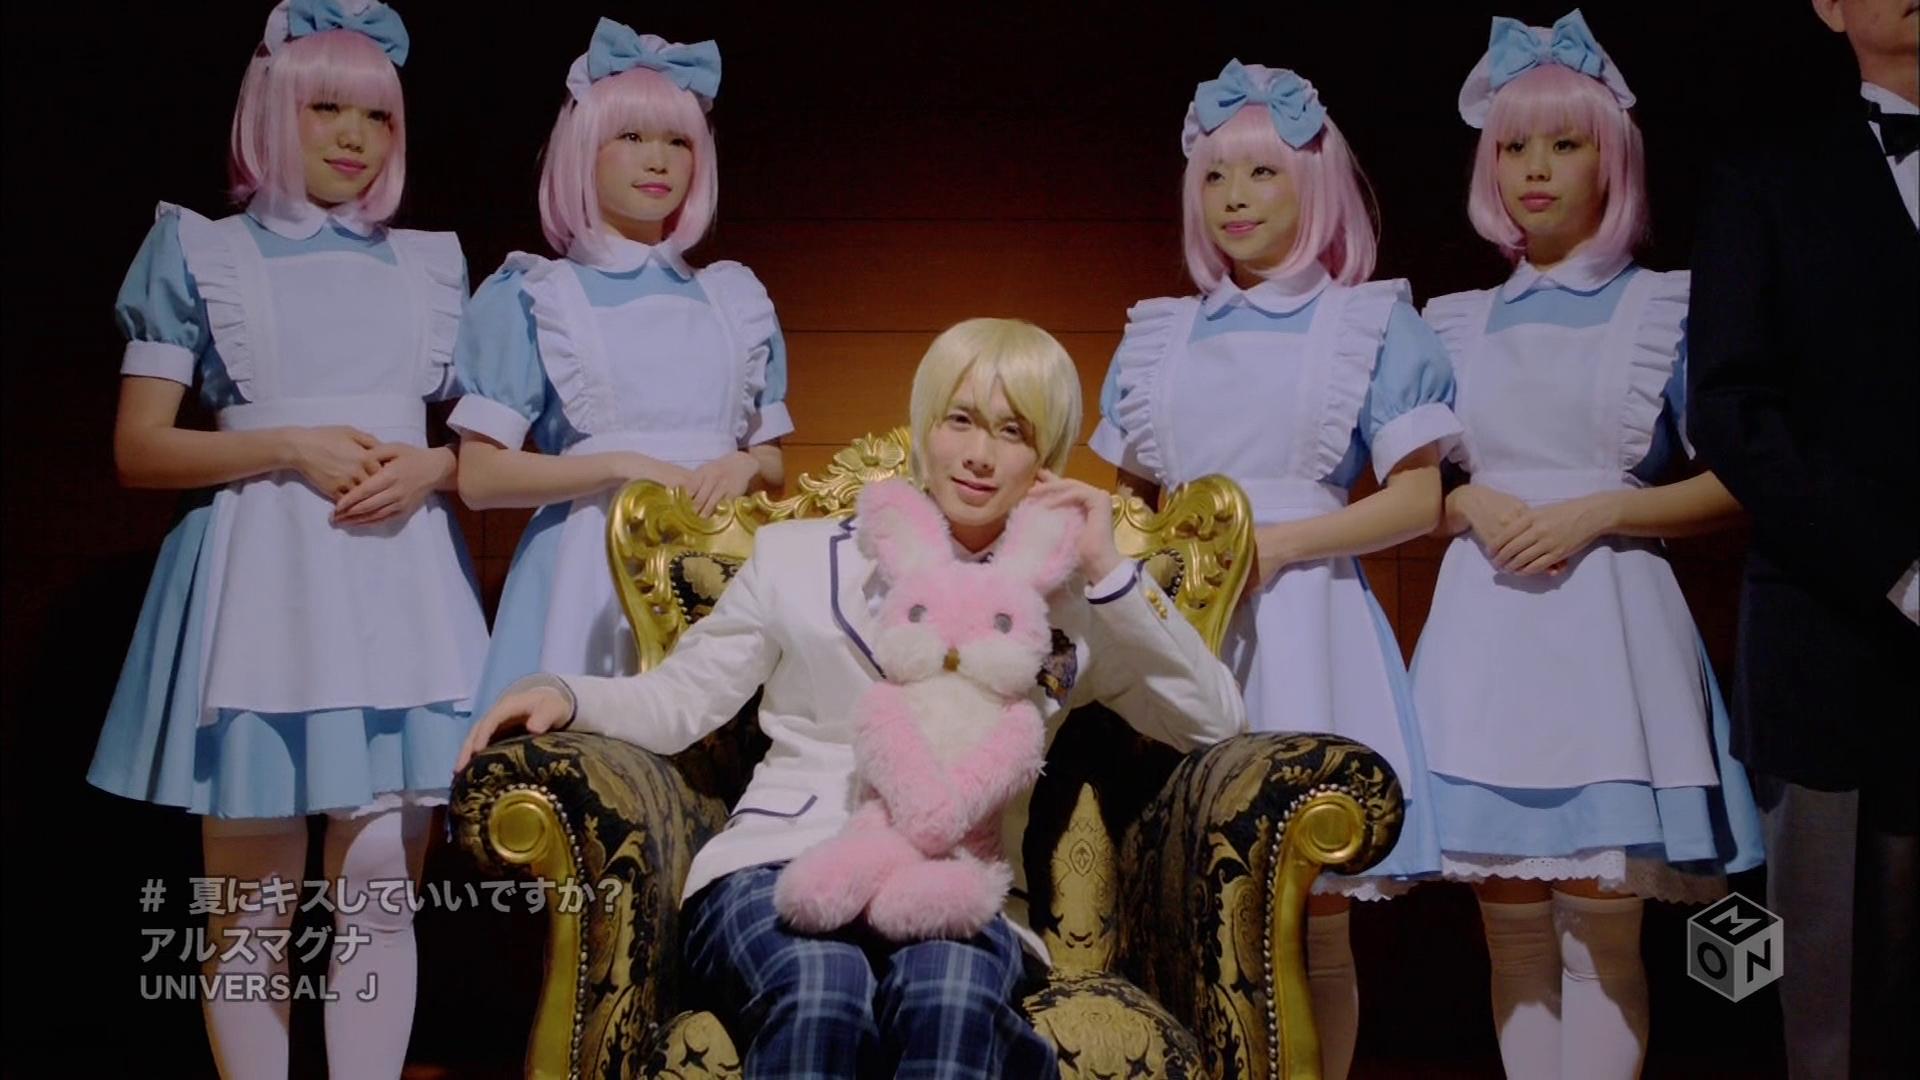 20161116.03.02 ARSMAGNA - Natsu ni Kiss Shite Ii Desuka (PV) (JPOP.ru).ts 1.jpg